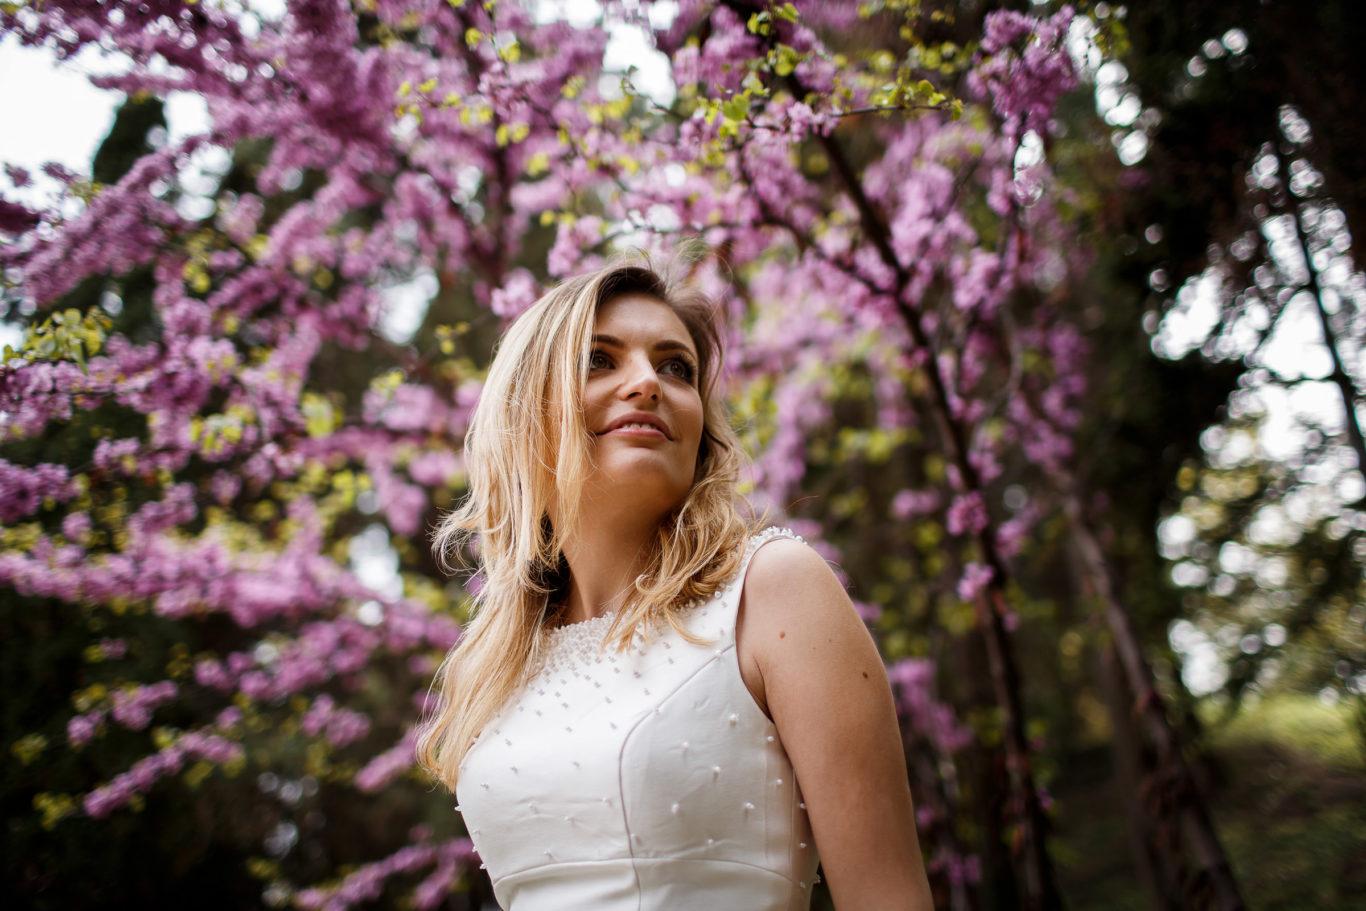 006-TTD-Silvana-Matei-fotografii-Ciprian-Dumitrescu